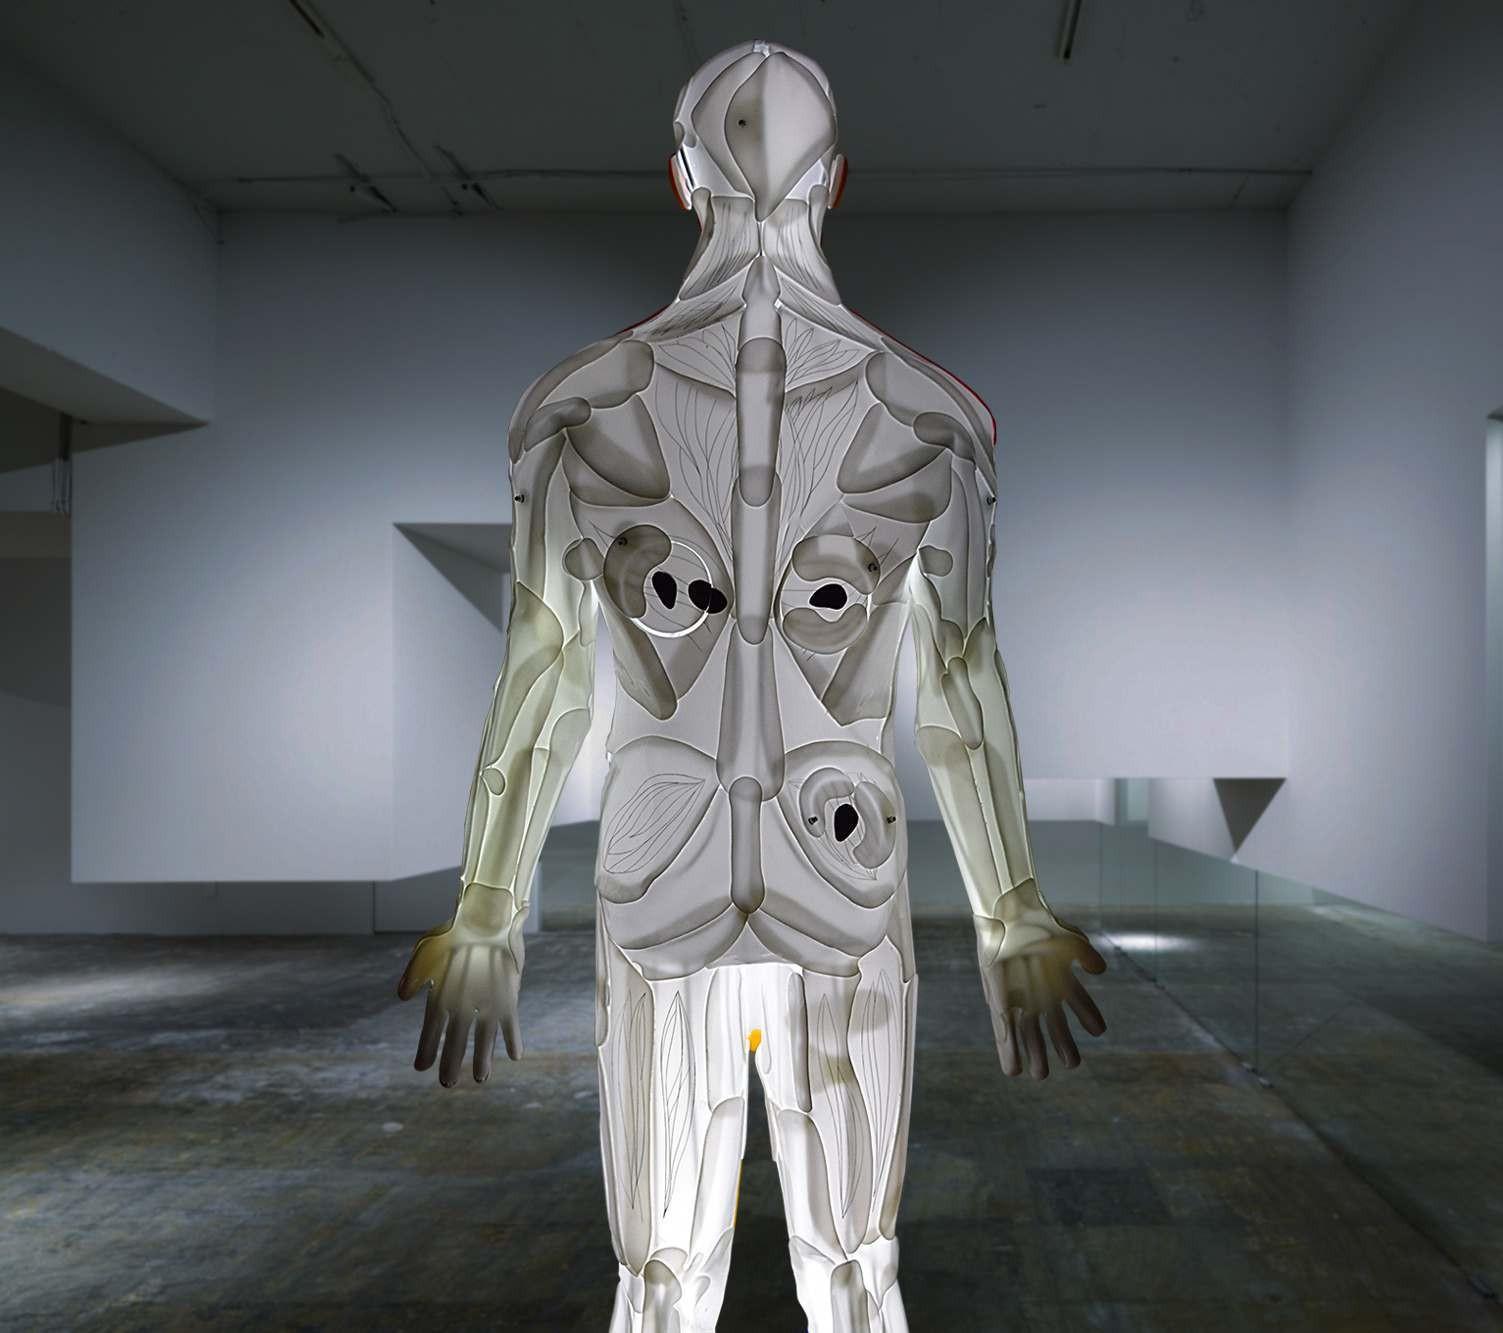 Enlightened man by Sculptor of light, interior